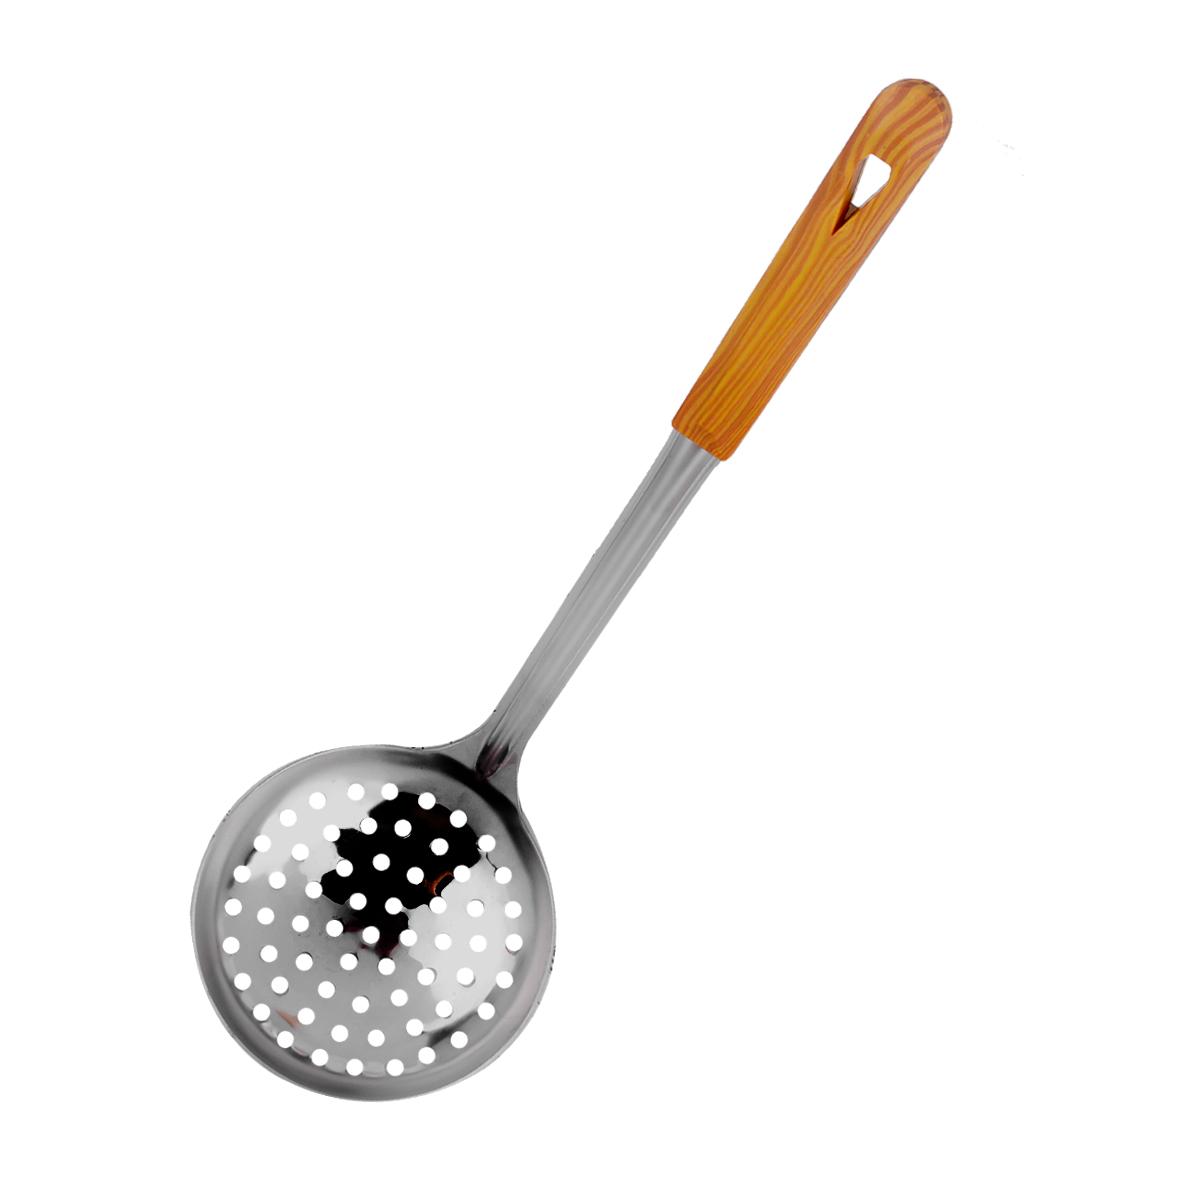 ملعقة طبخ كبيراستيل من ماي مارت.ym-18851.